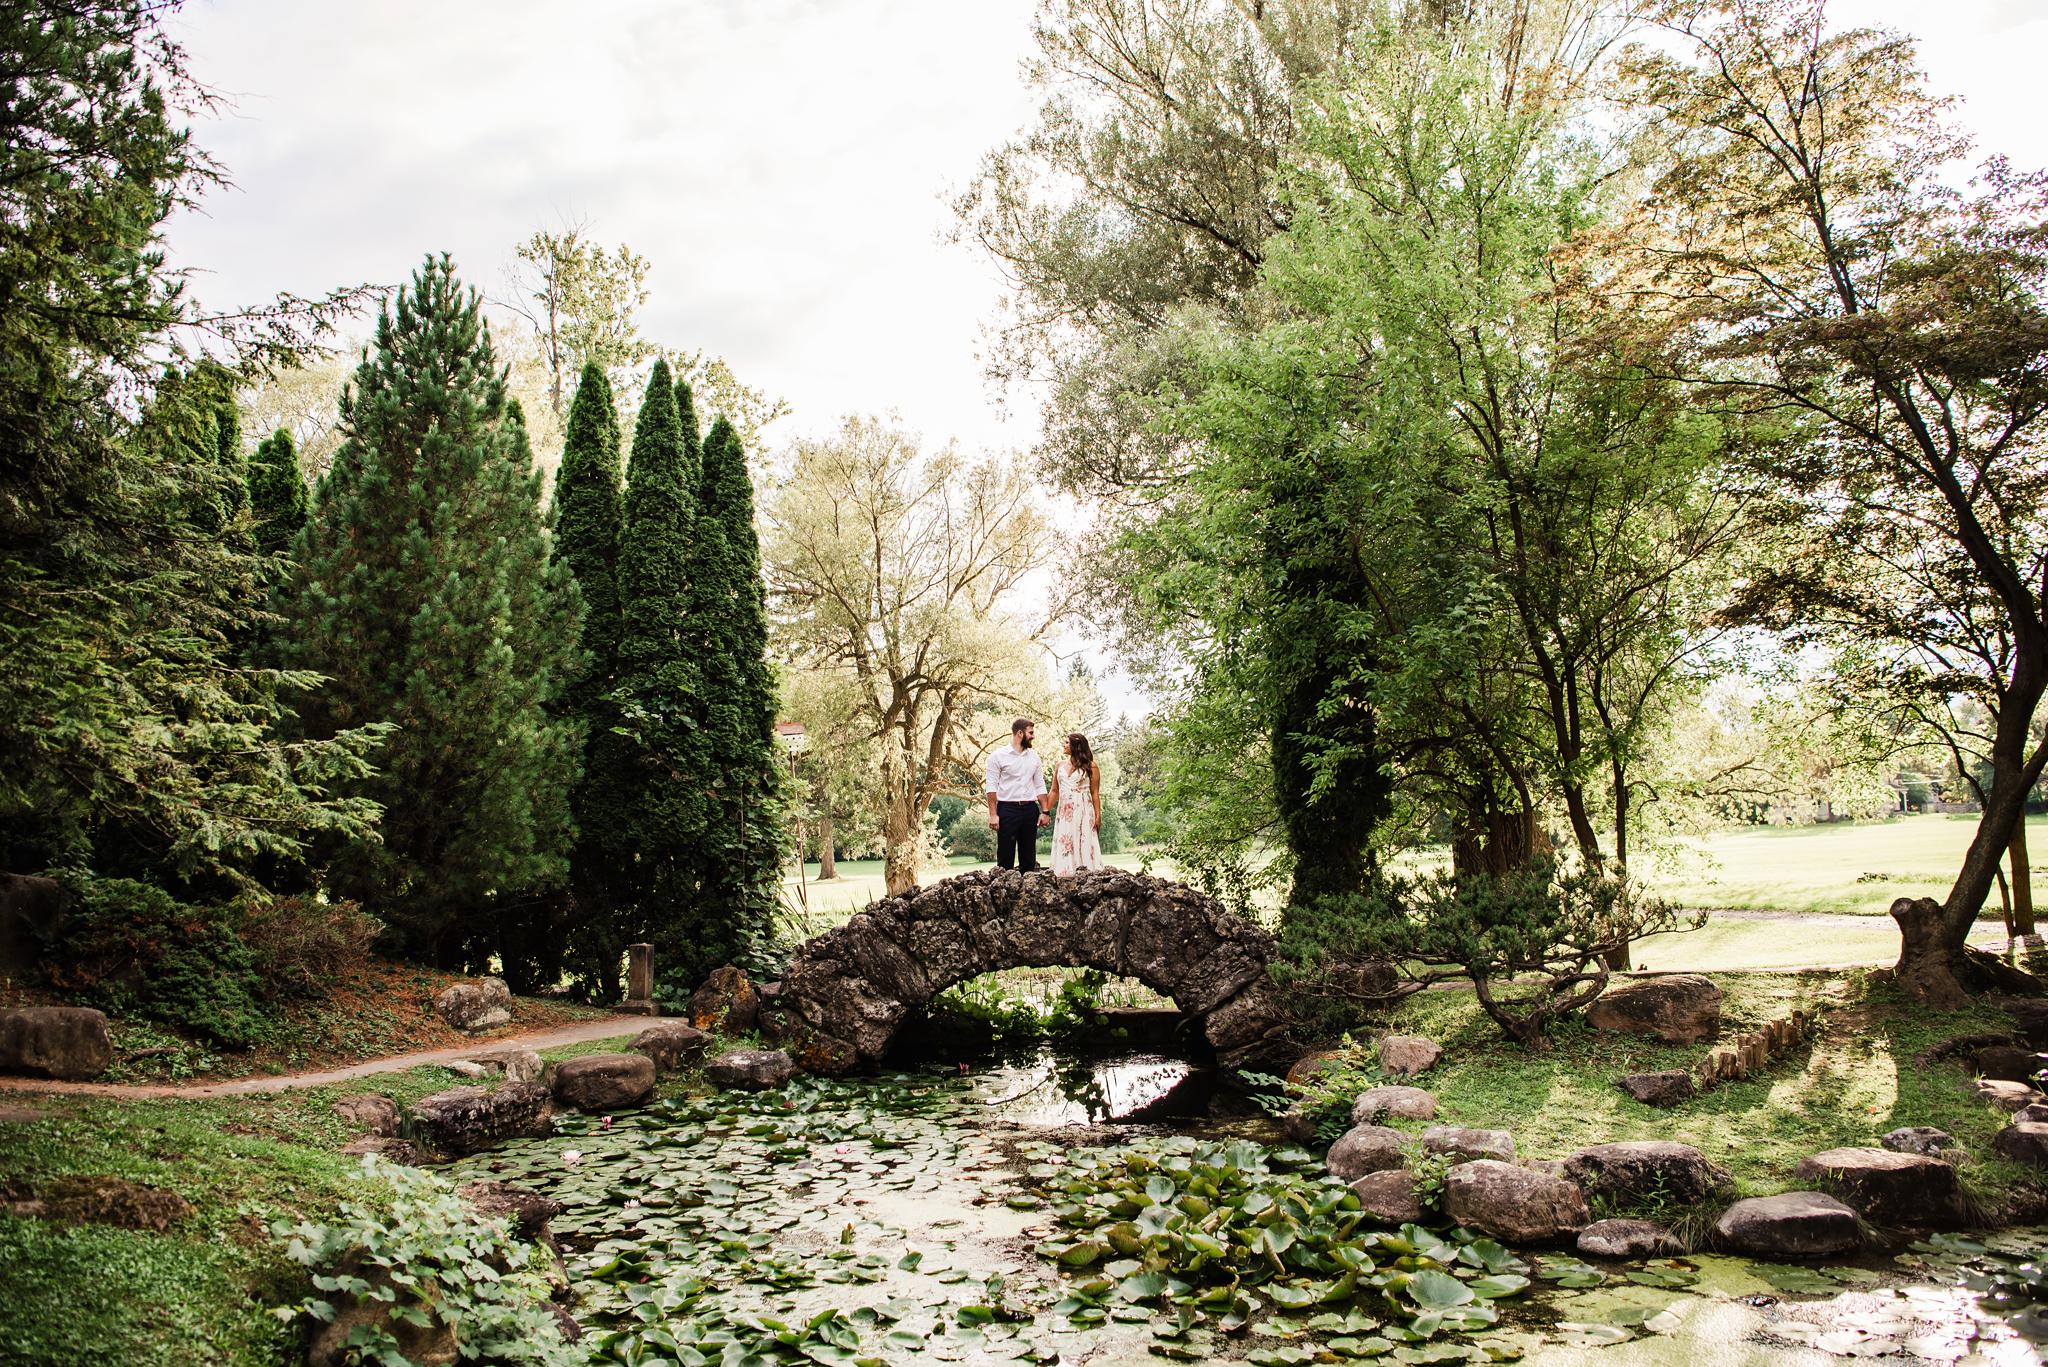 Sonnenberg_Gardens_Finger_Lakes_Engagement_Session_JILL_STUDIO_Rochester_NY_Photographer_DSC_1808.jpg